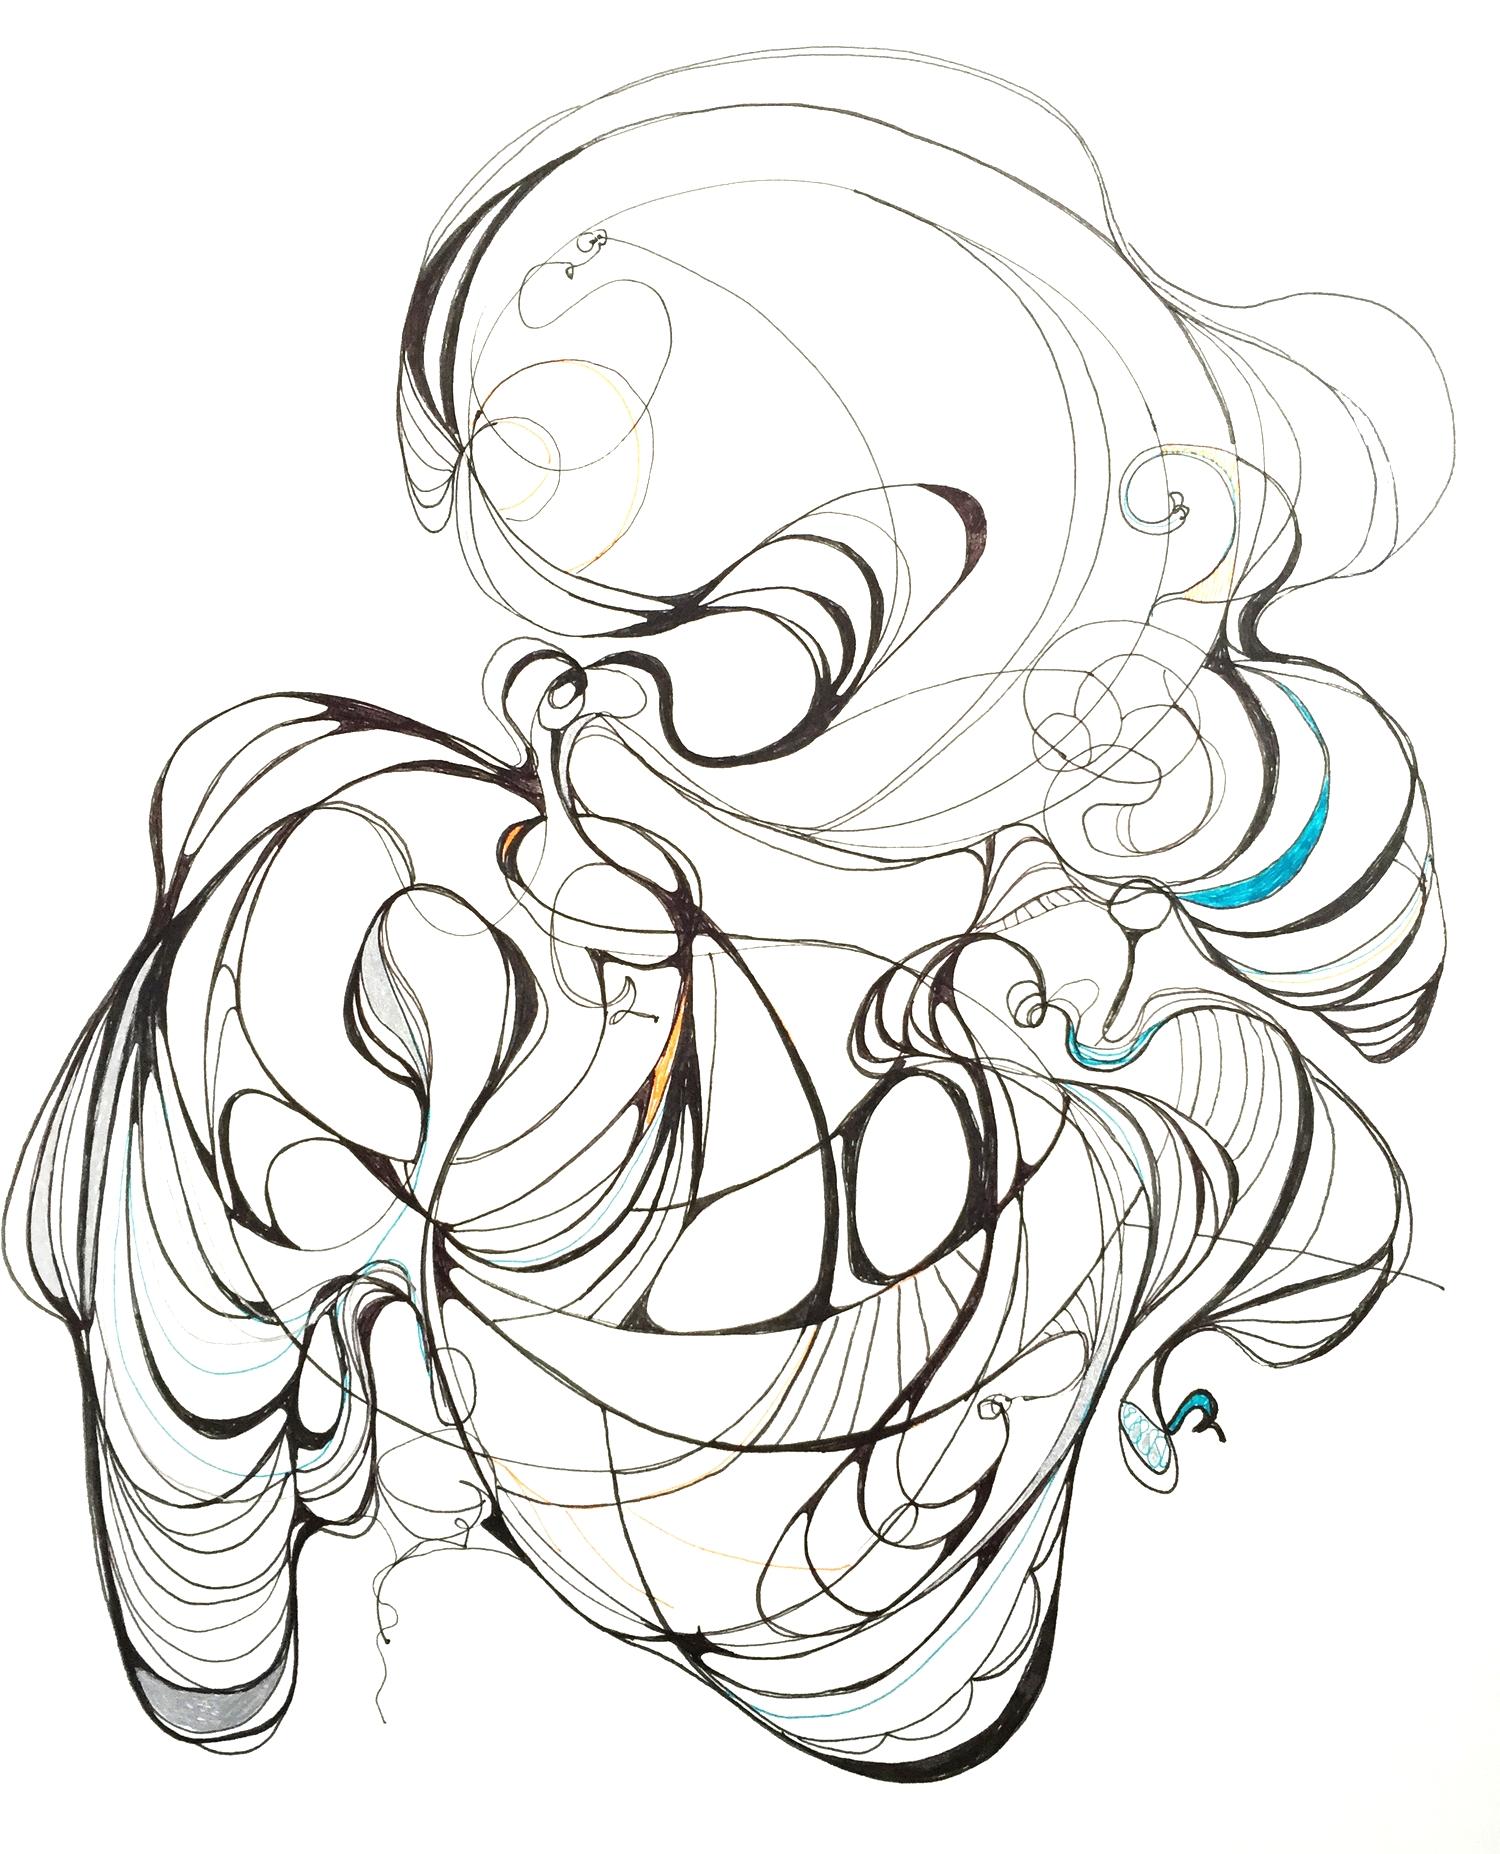 Isadora #4